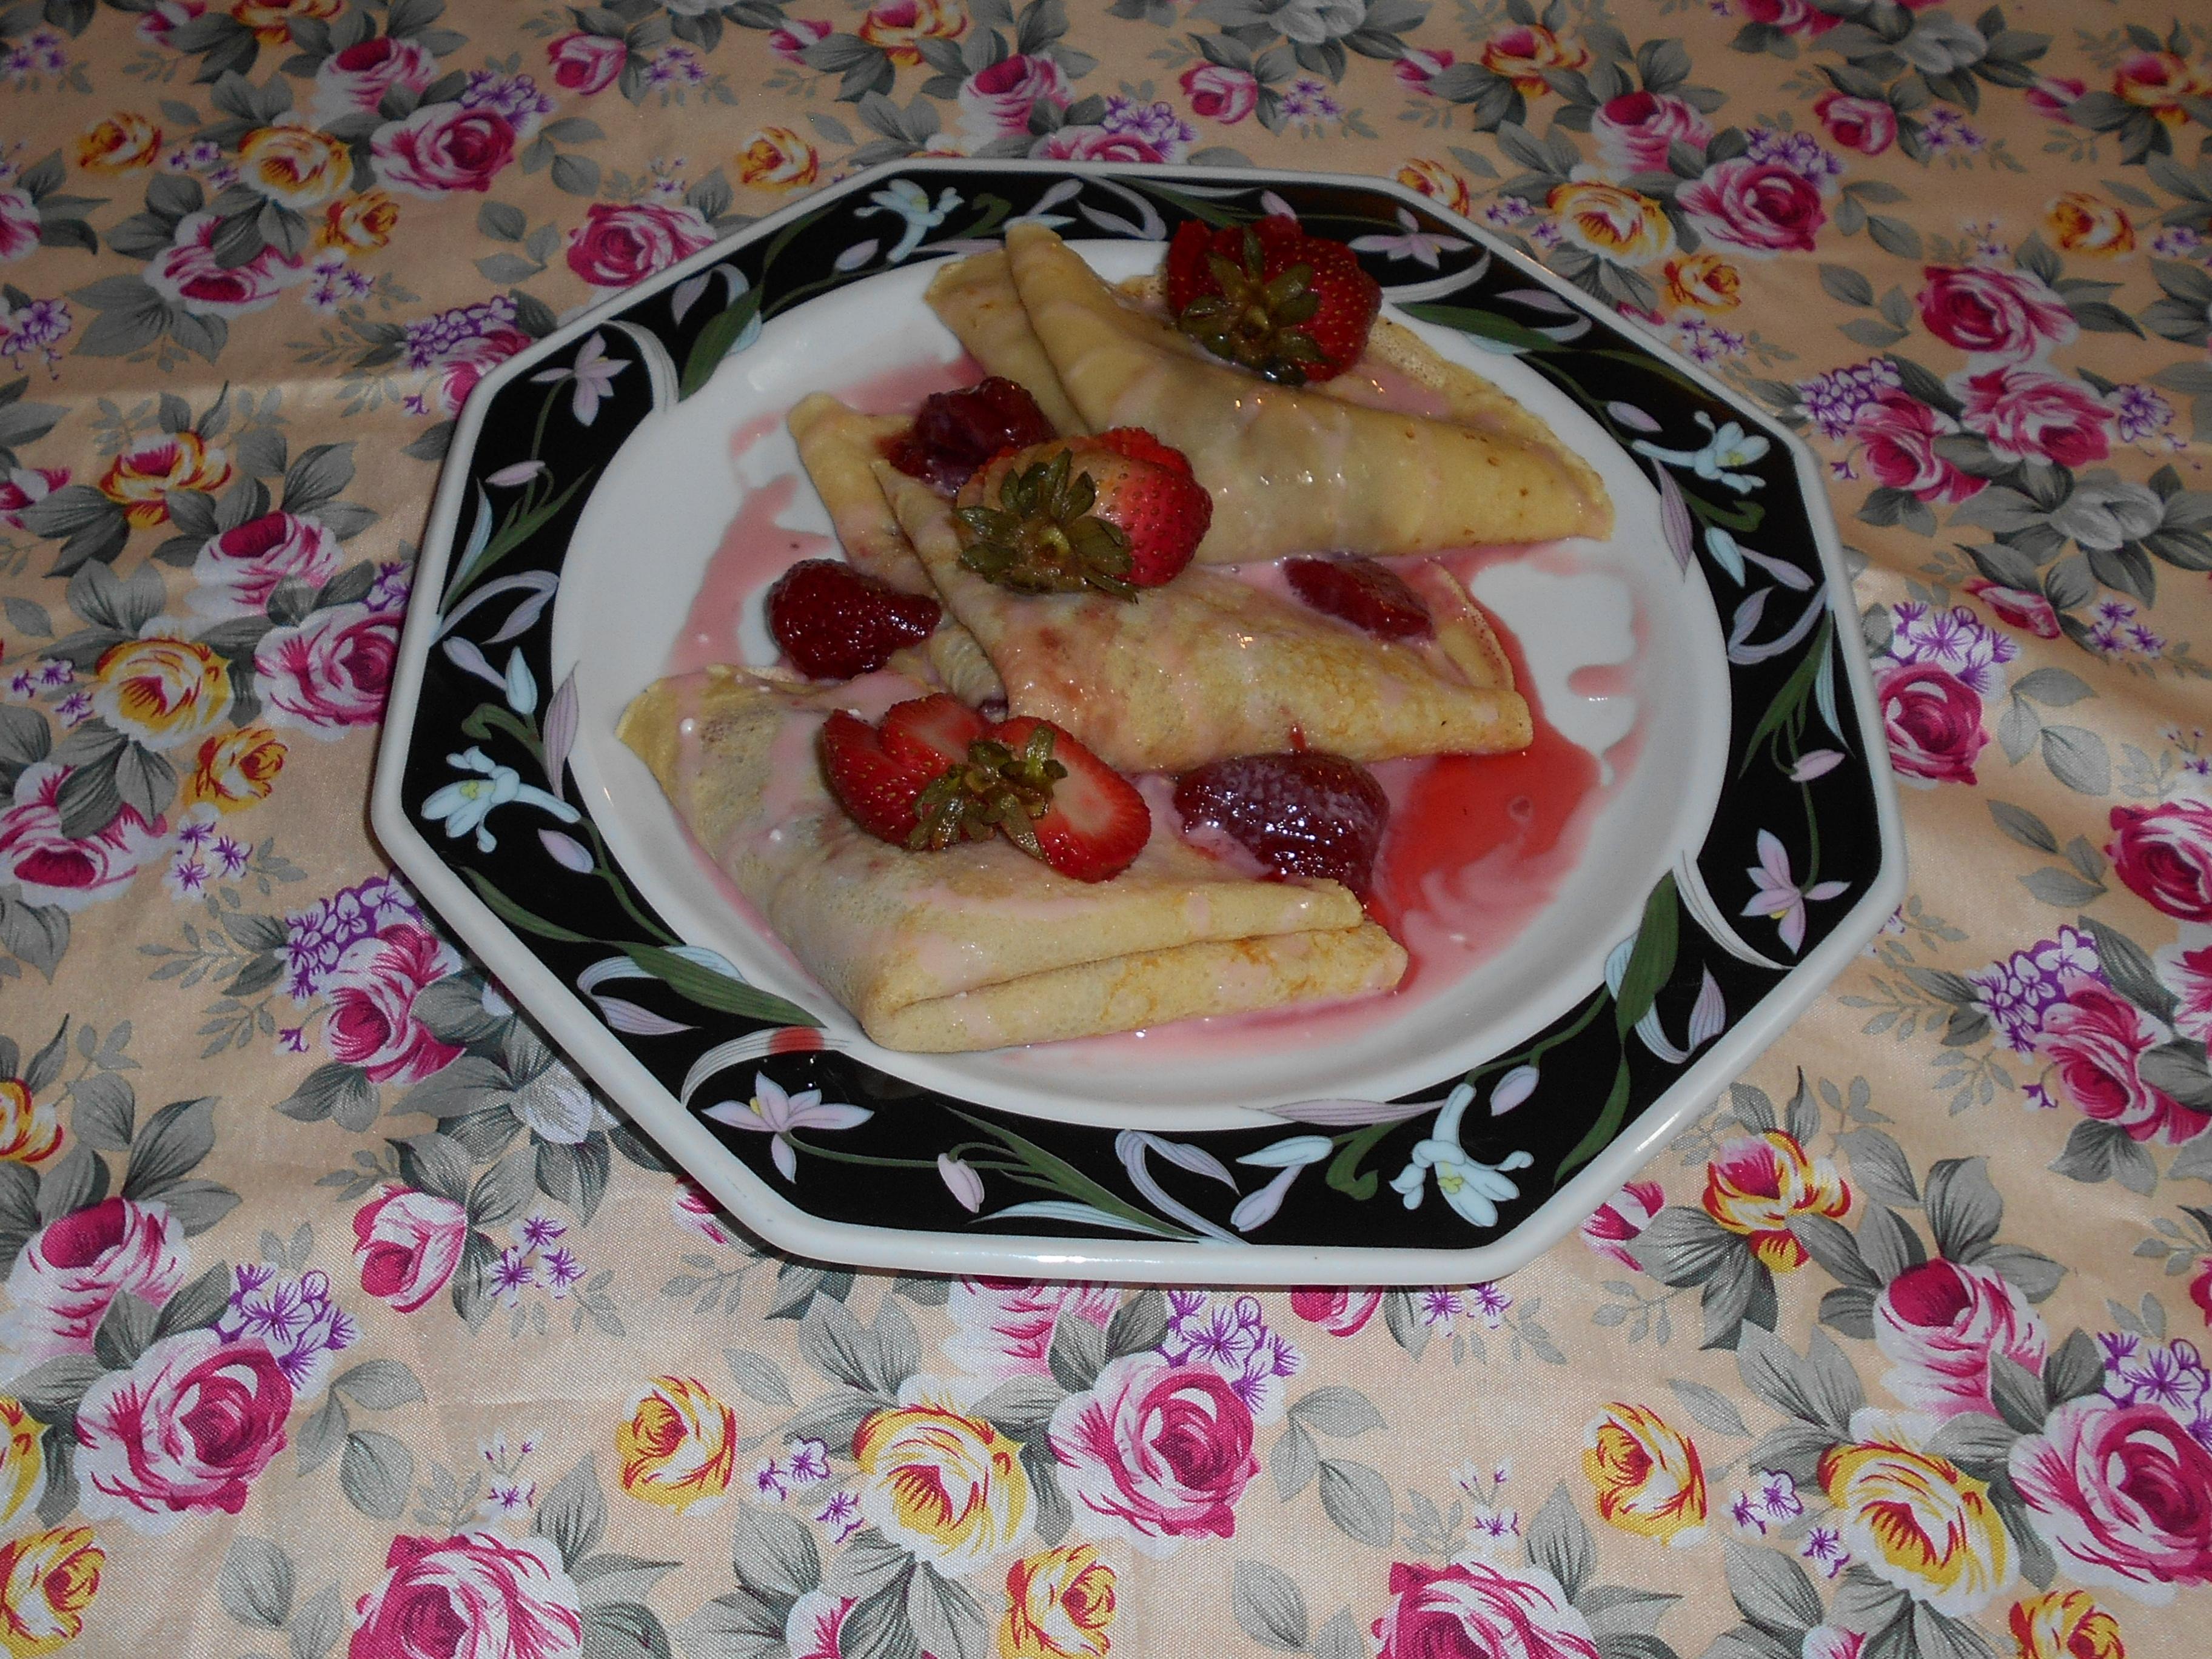 crepas con conserva de fresa y crema foto